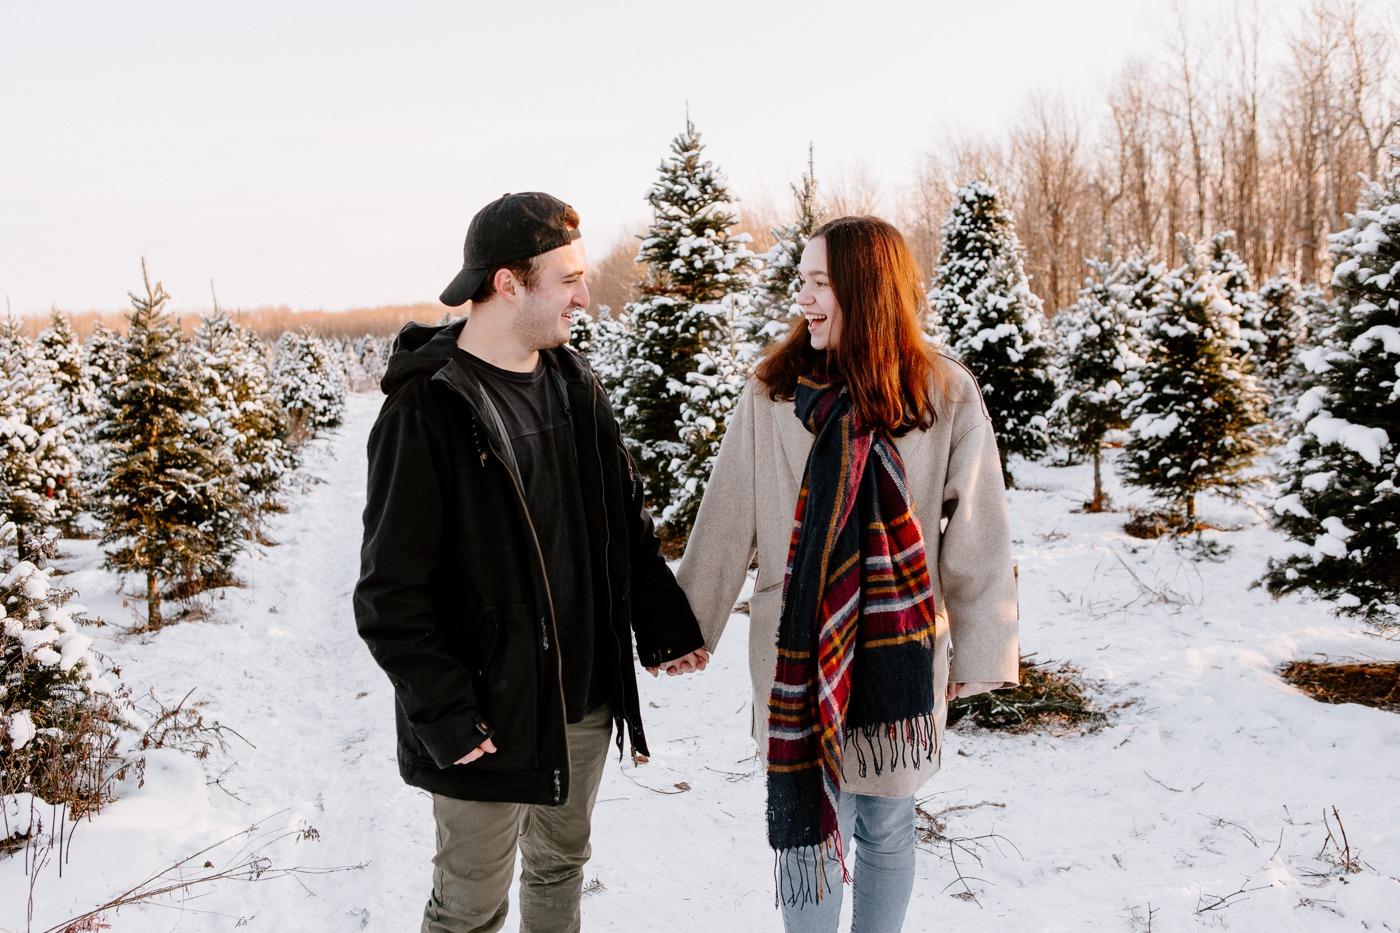 Photographe de fiançailles à Montréal. Photographe de couple à Montréal. Montreal engagement photographer. Montreal couple photographer. Romantic winter session in Montreal. Plantation JLS ferme de sapins de Noël